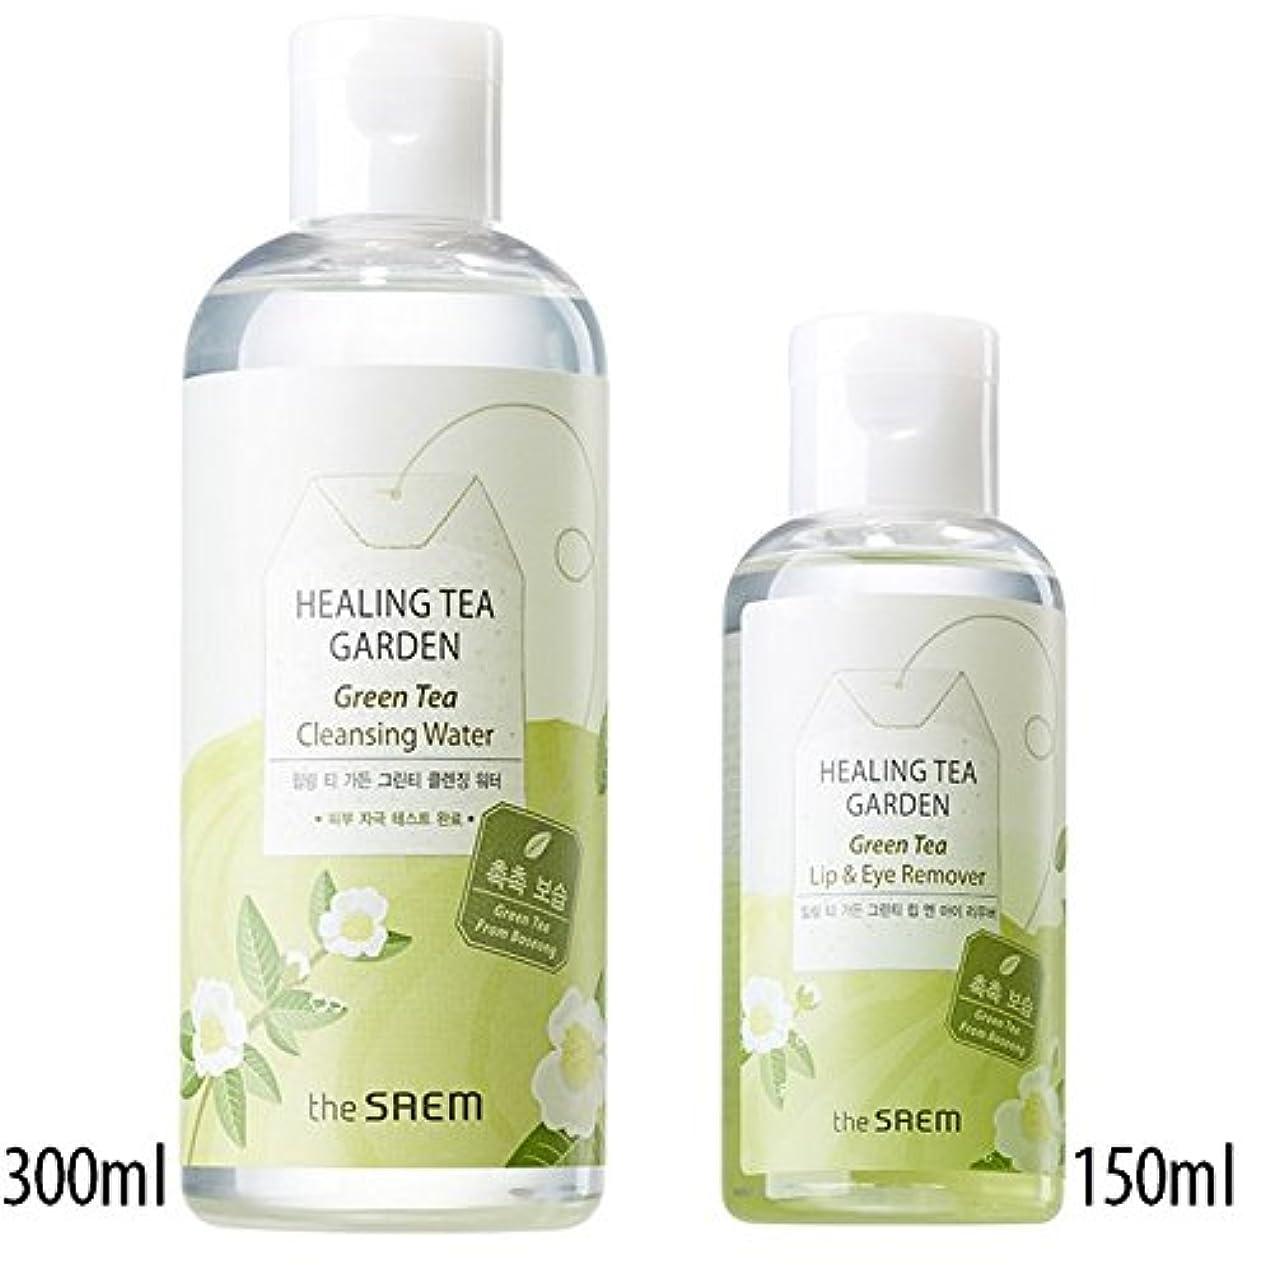 店主浮浪者ライオン[1+1] The Saem Green Tea (Lip & Eye Remover + Cleansing Water)ザセム ヒーリングティーガーデングリーンティーリップ&アイリムーバー+ ヒー クレンジングウォーター...